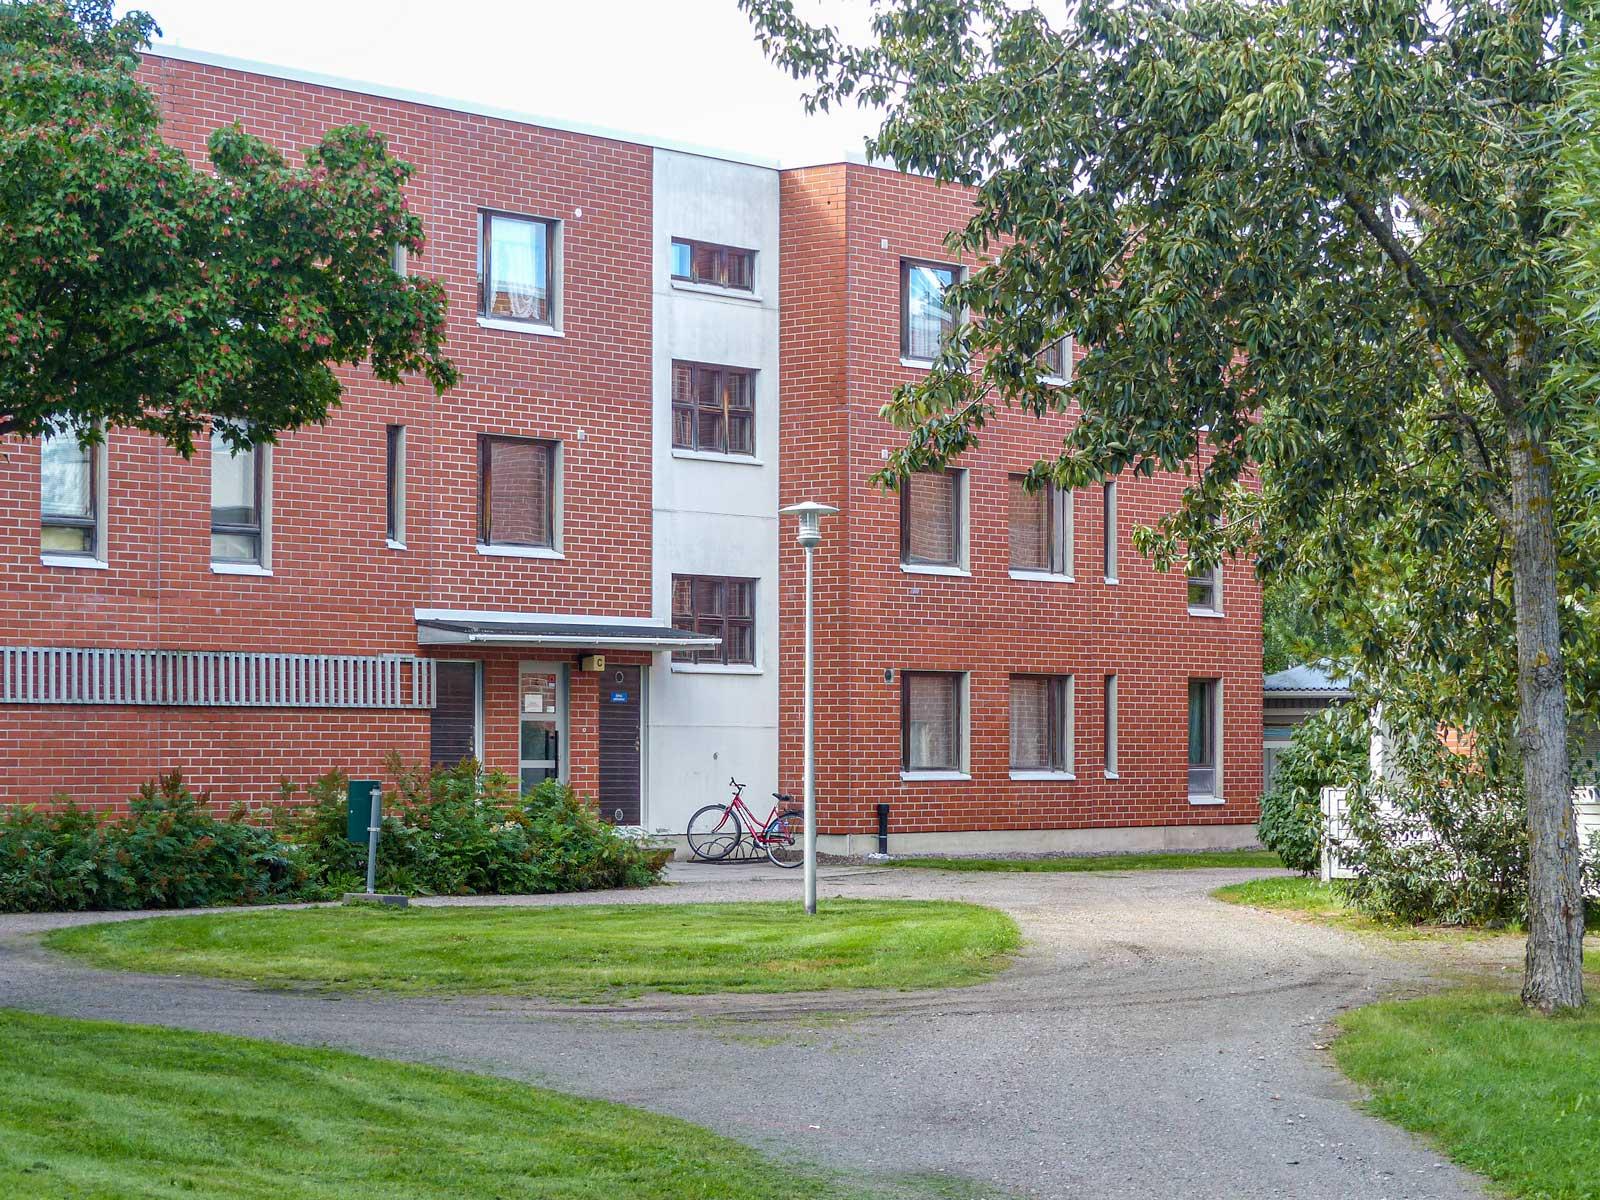 Linnunradankatu 29, Riihimäki